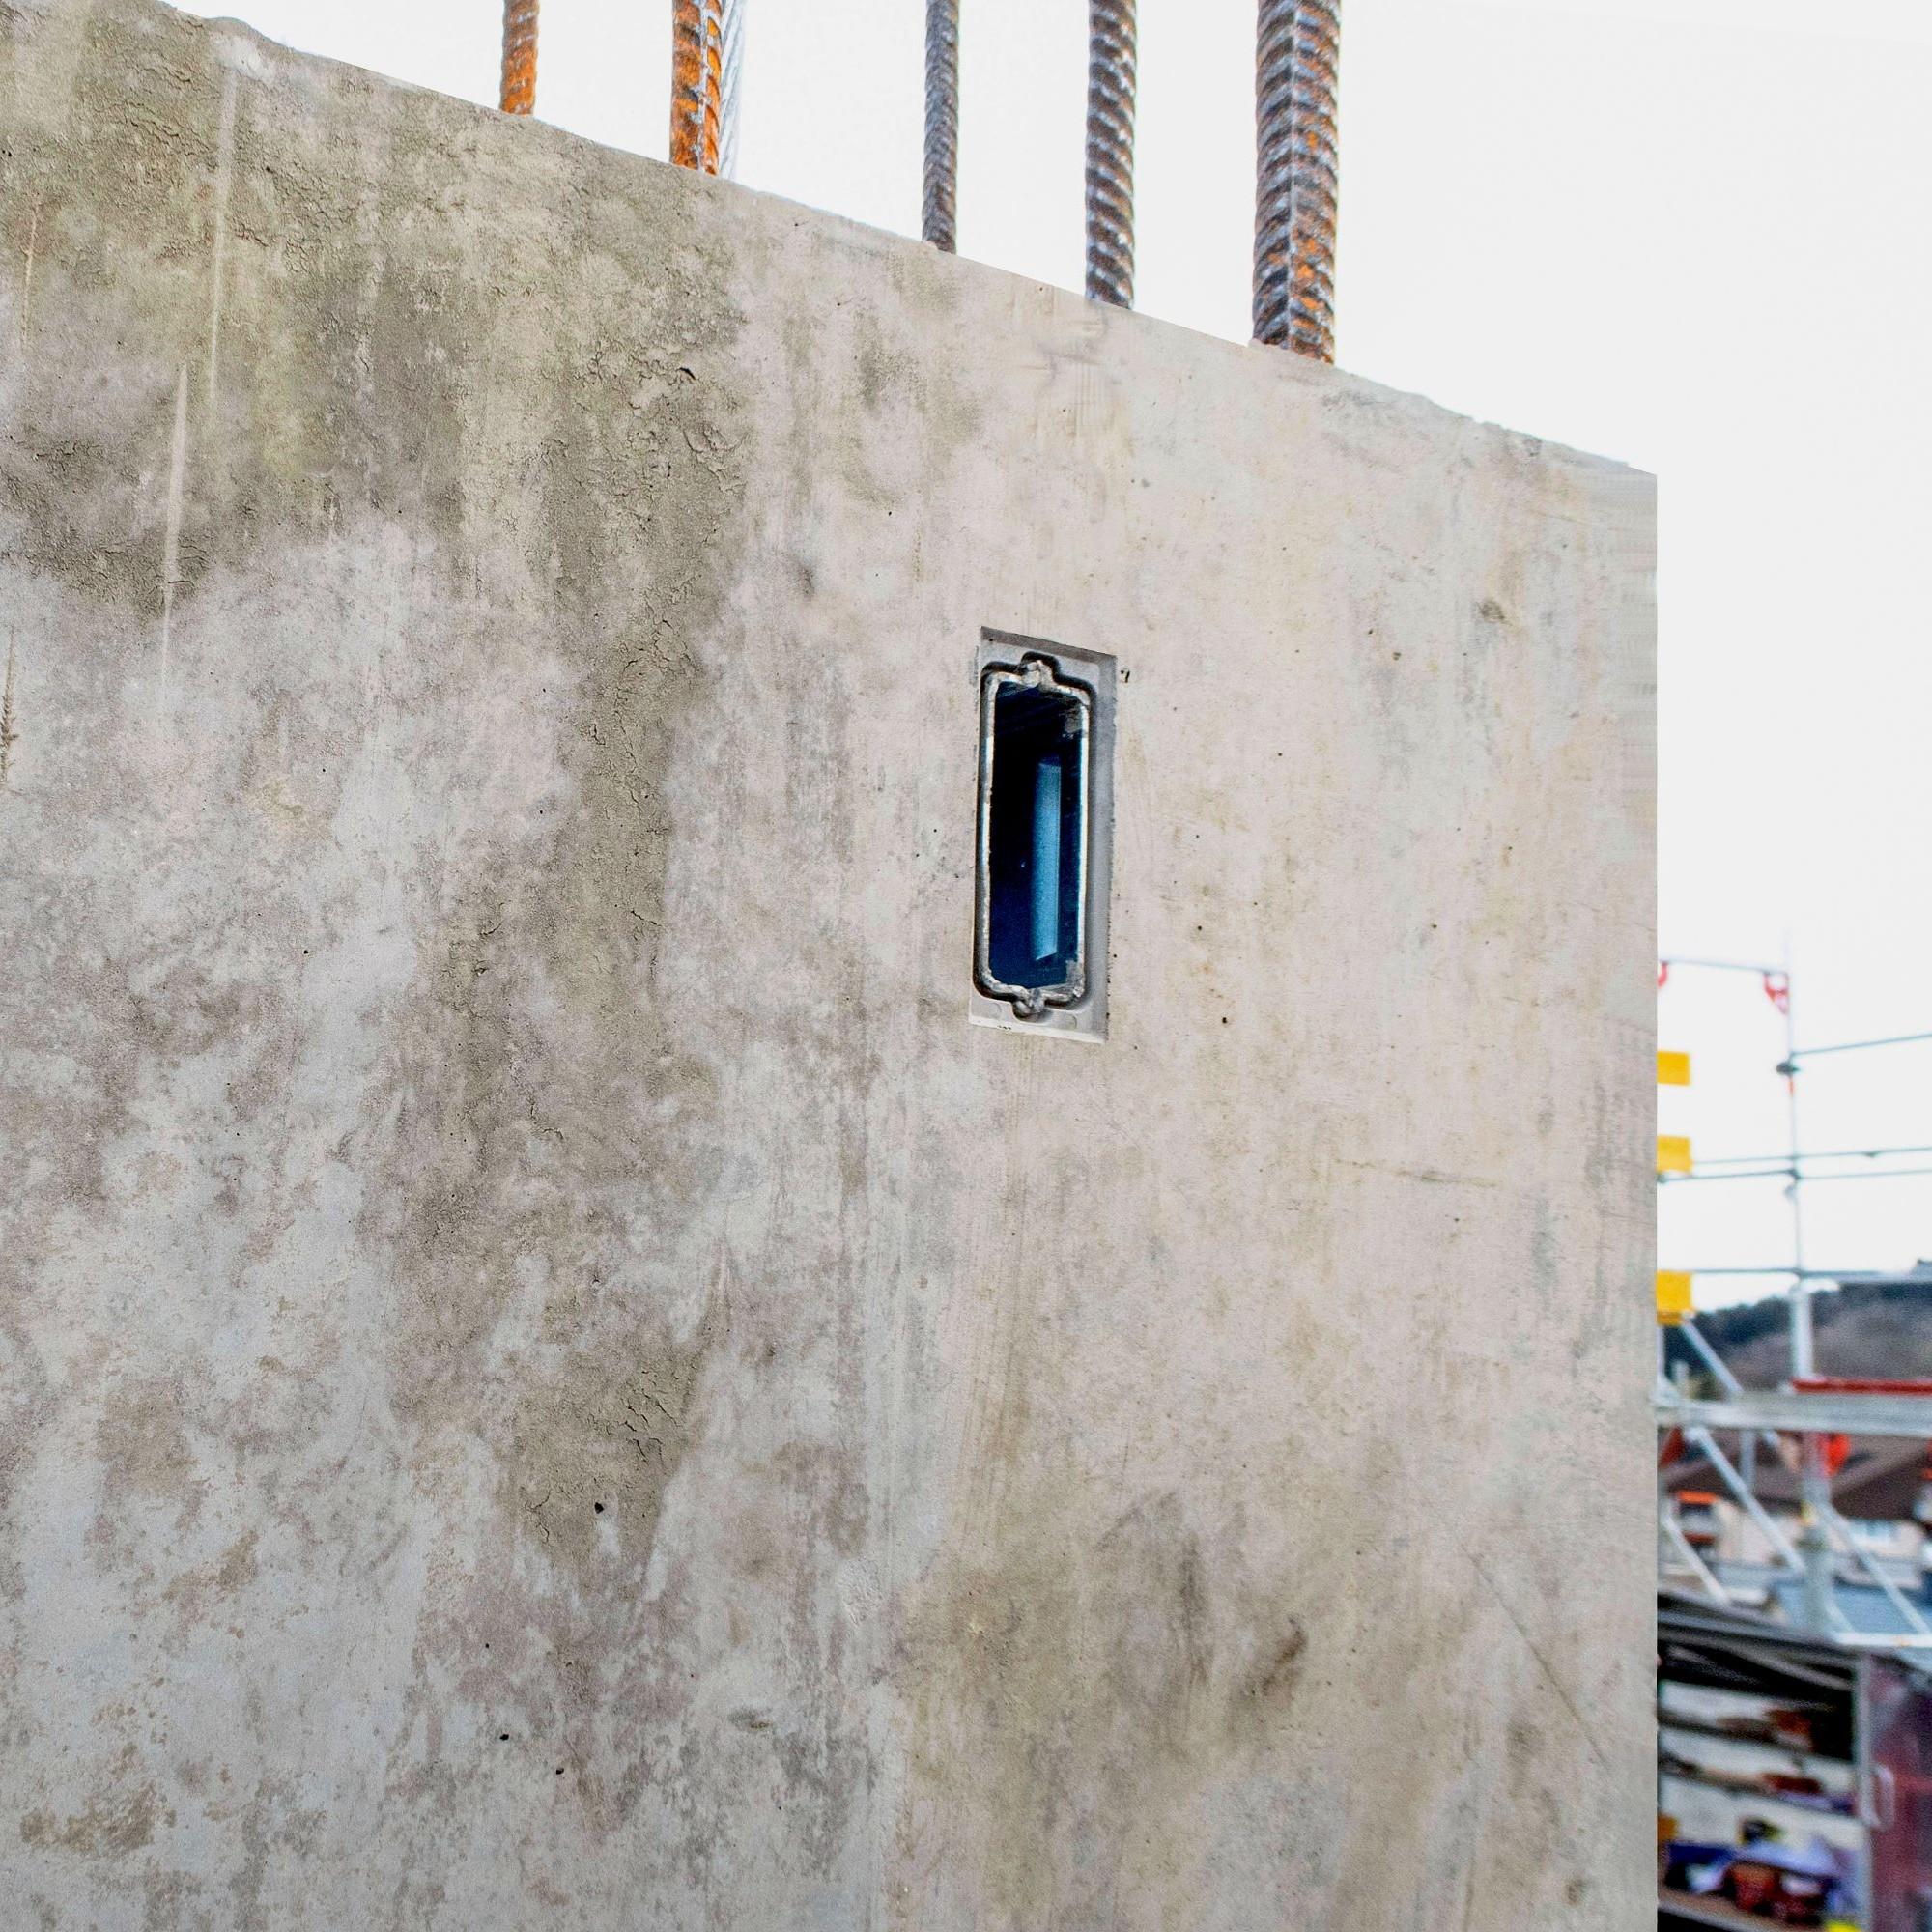 Der neue «ASK»-Konsolenanker eignet sich wegen seiner kompakten Masse auch für Sichtbeton. Er besteht komplett aus Stahl und bietet höchste Sicherheit.